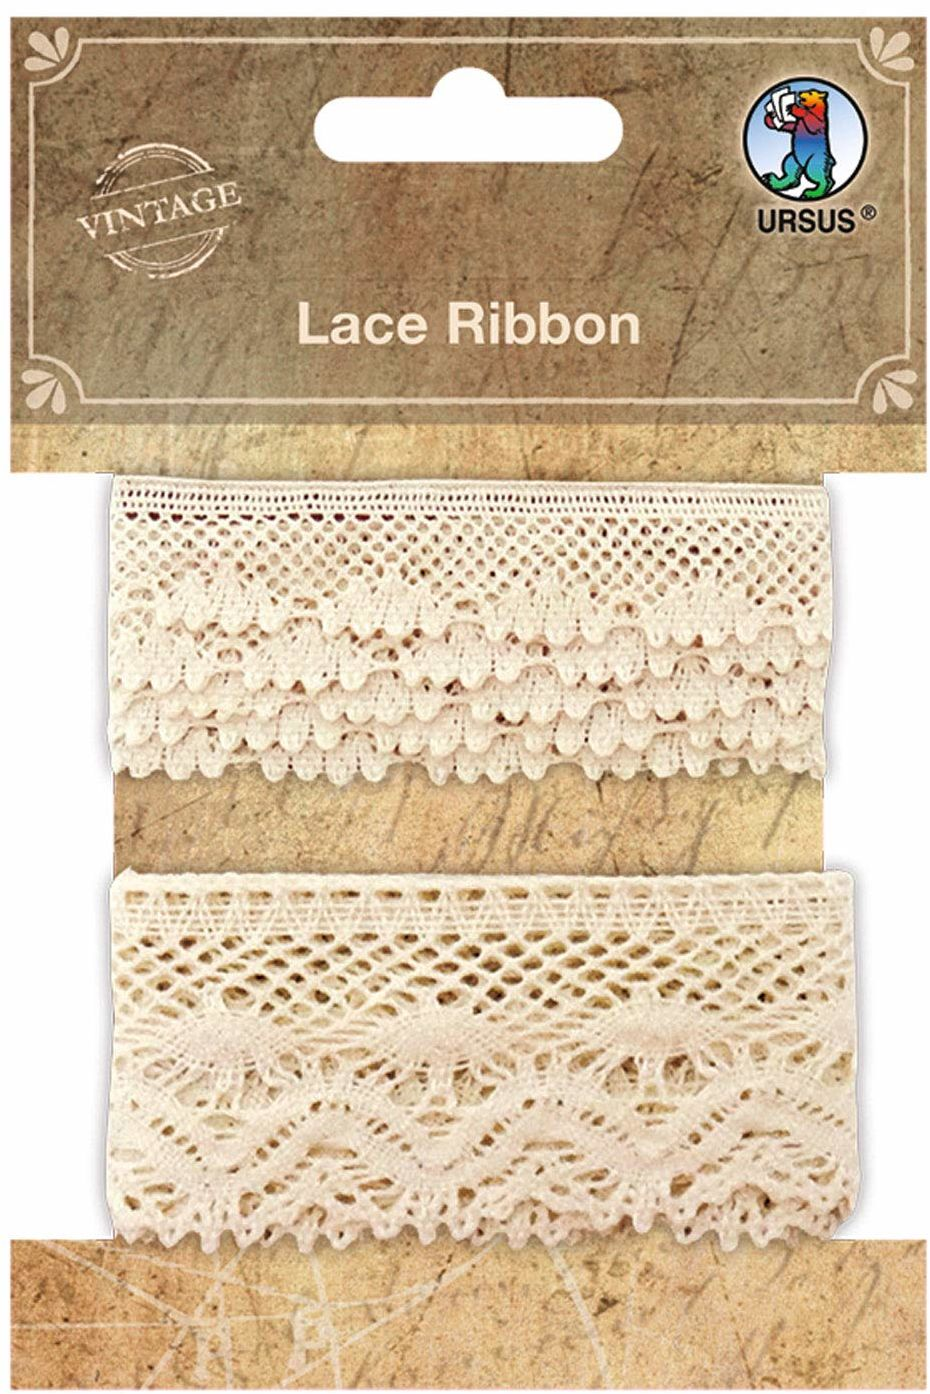 Lace Ribbon, koronkowe taśmy z materiału, 2 sztuki w różnych szerokościach w kolorze kremowym, do ozdabiania prac ręcznych